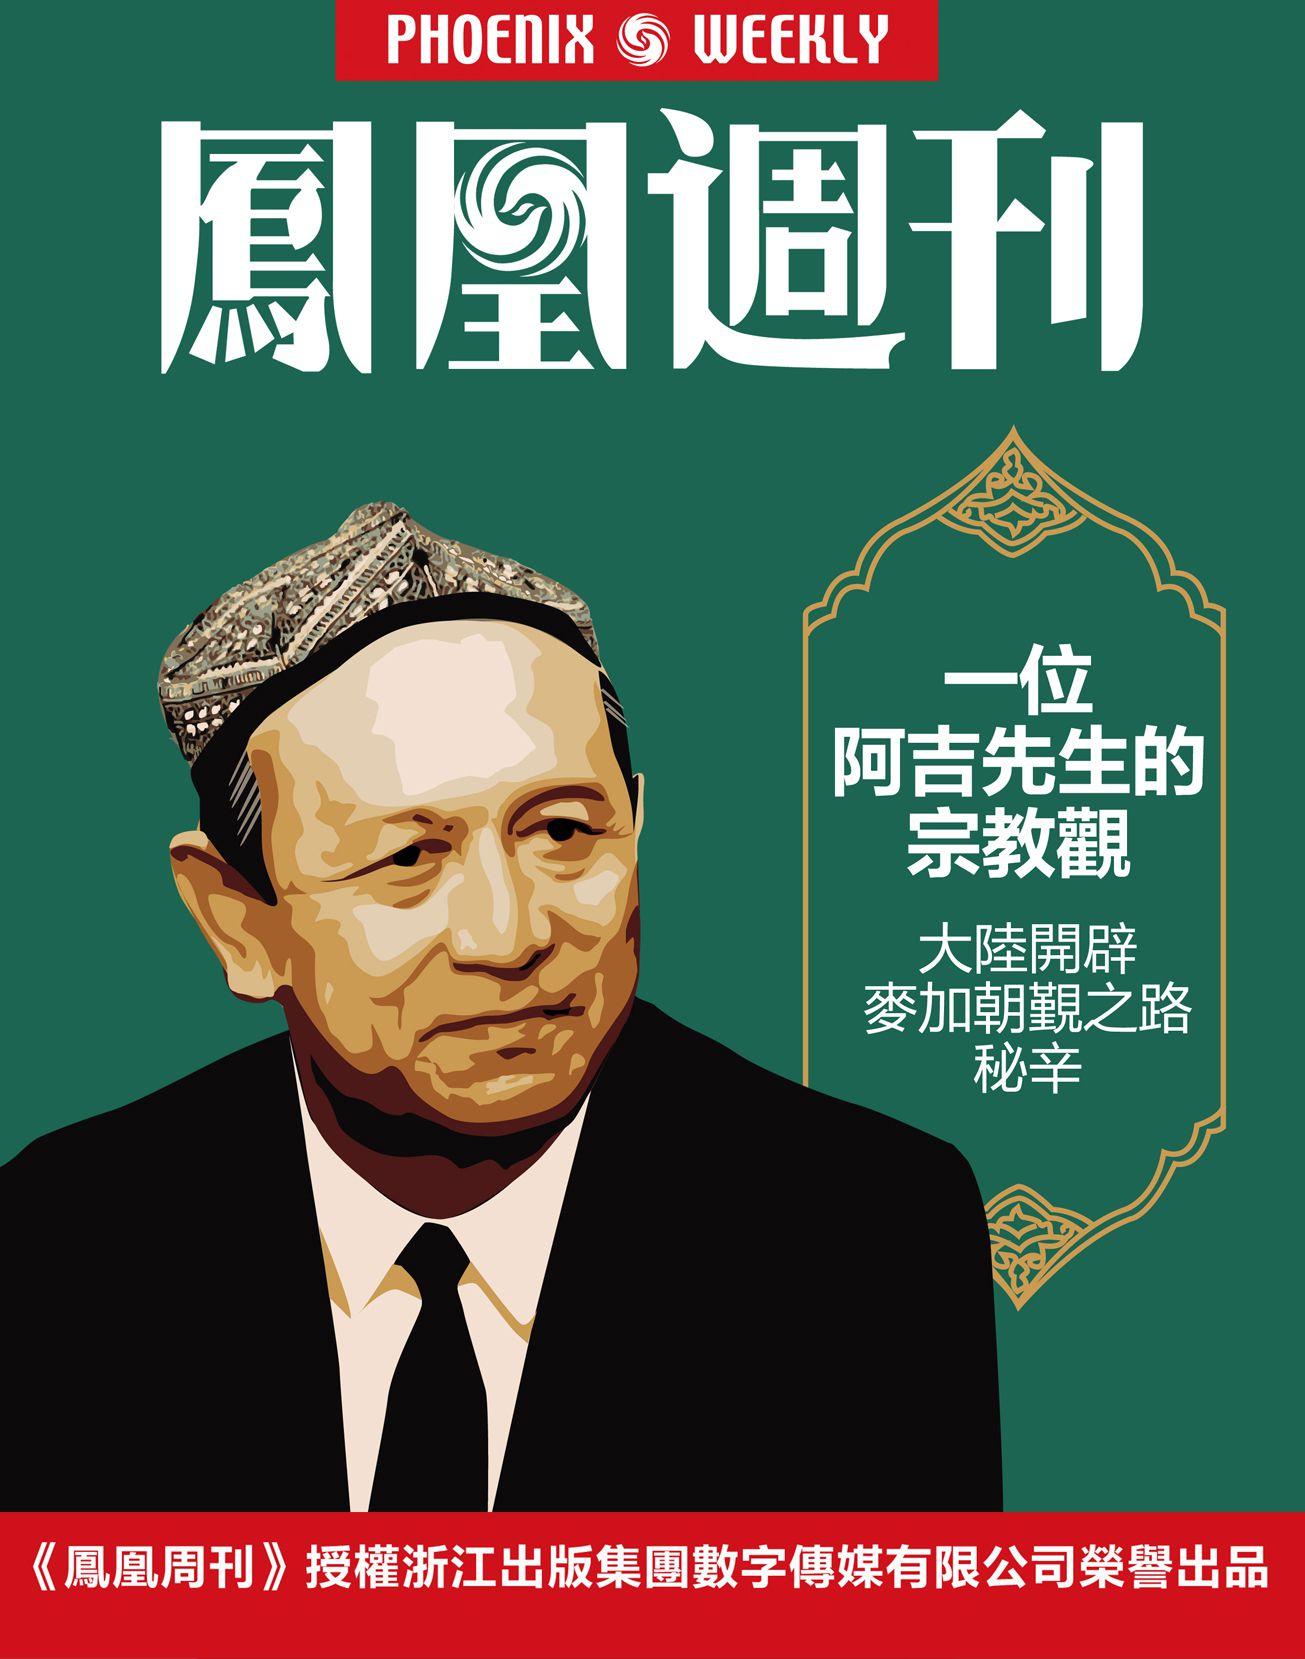 香港凤凰周刊 2014年27期 一位阿吉先生的宗教观